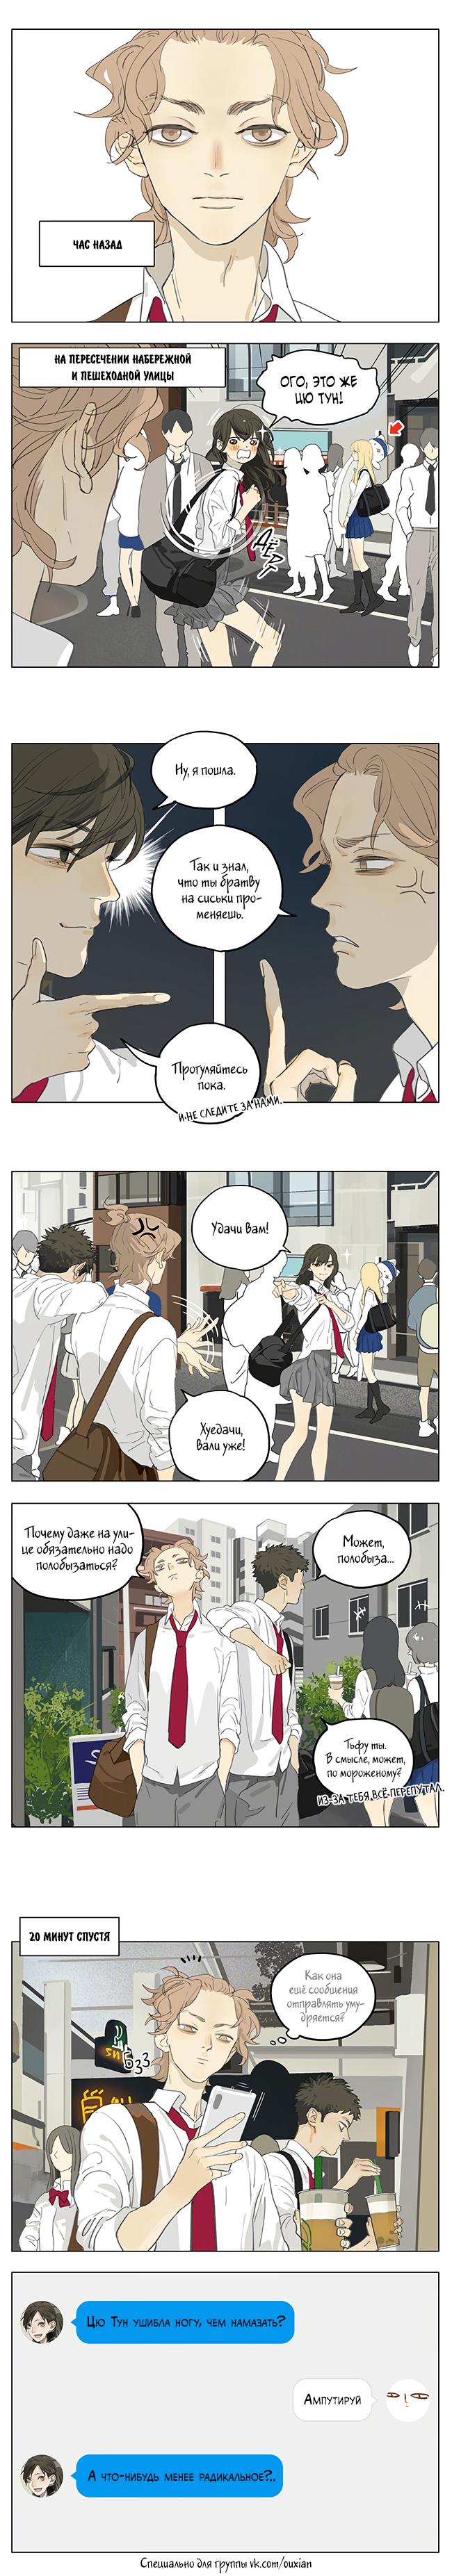 https://r2.ninemanga.com/comics/pic5/0/22272/1471570/1564981750865.png Page 1